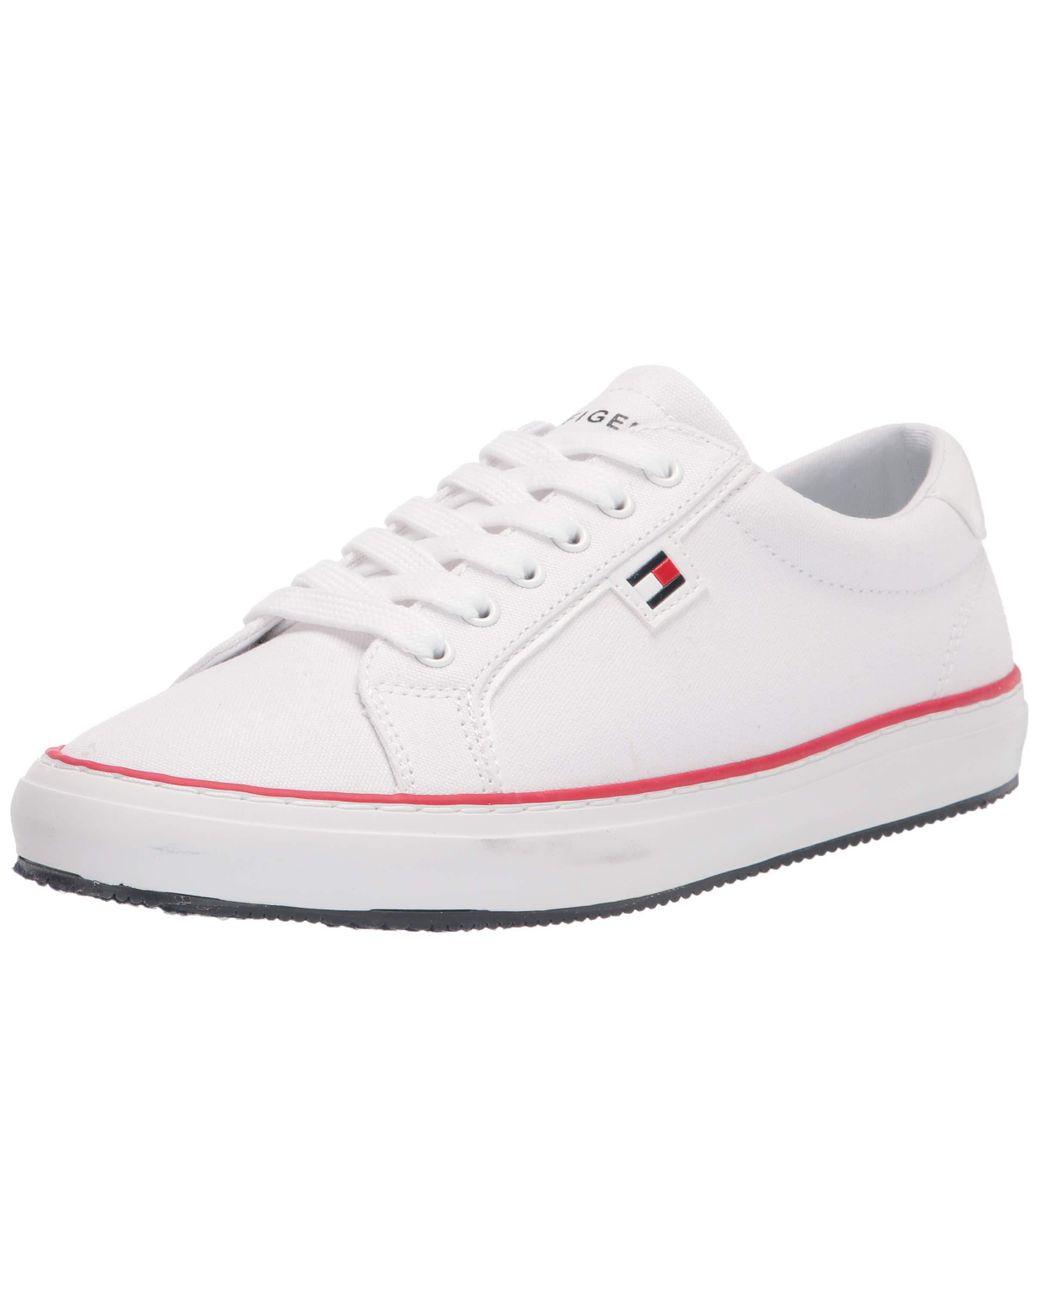 נעלי סניקרס לנשים טומי הילפיגר Tommy Hilfiger Women's Twpalmi2